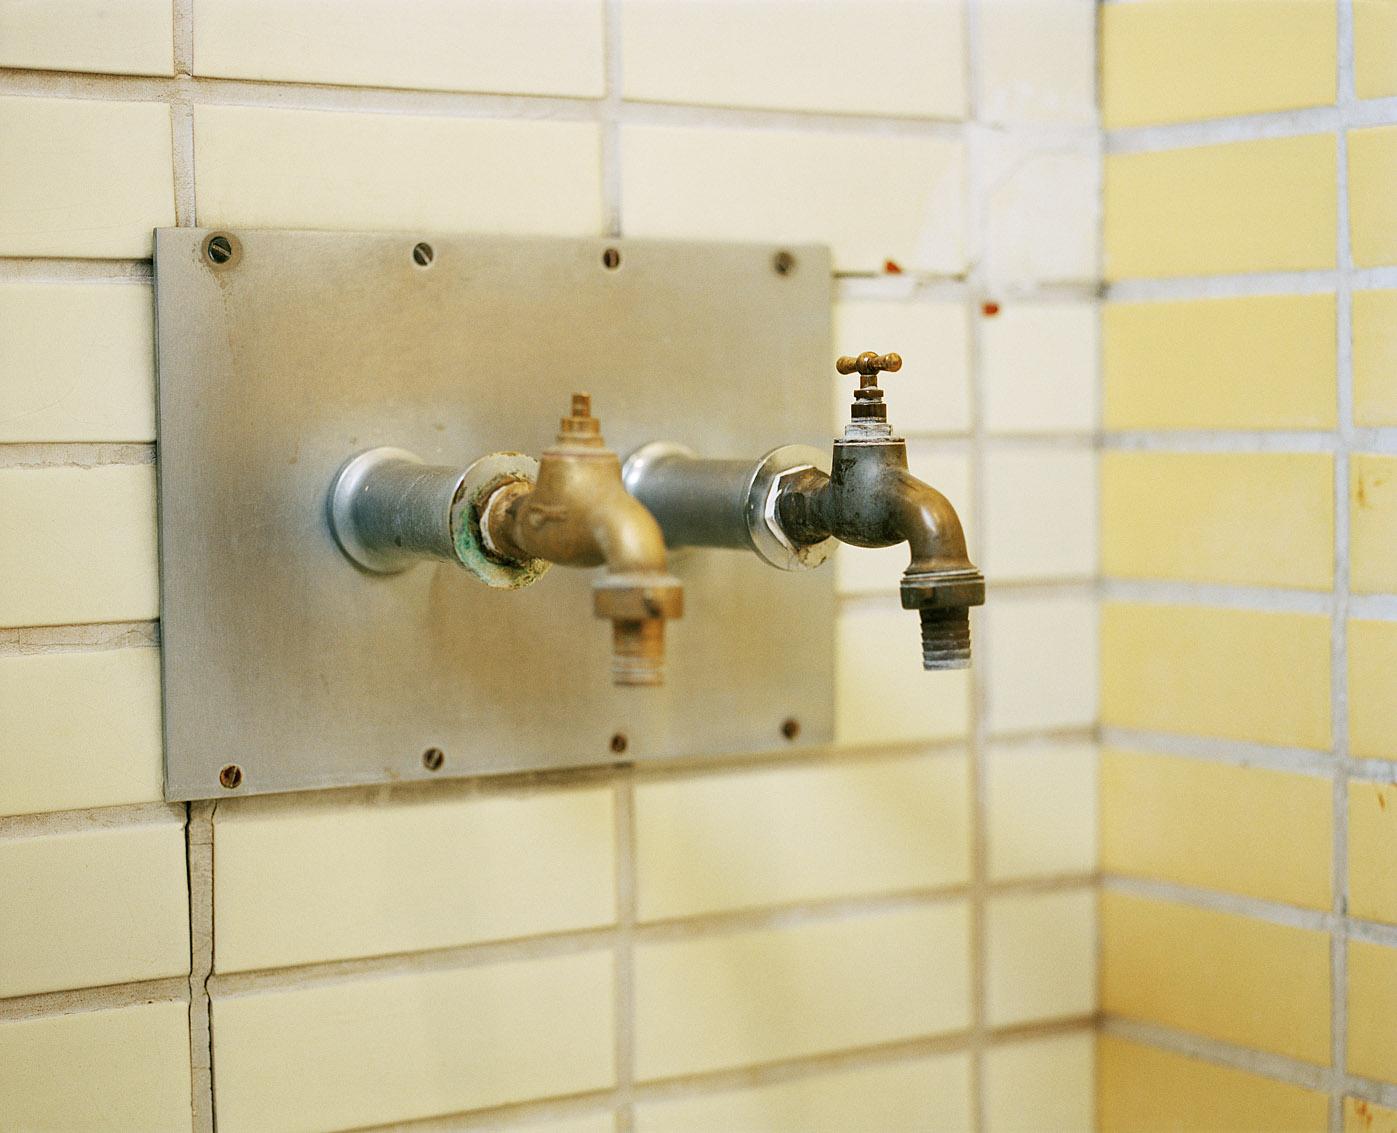 Robinetterie des baignoires des bains-douches Wazemmes de Lille.